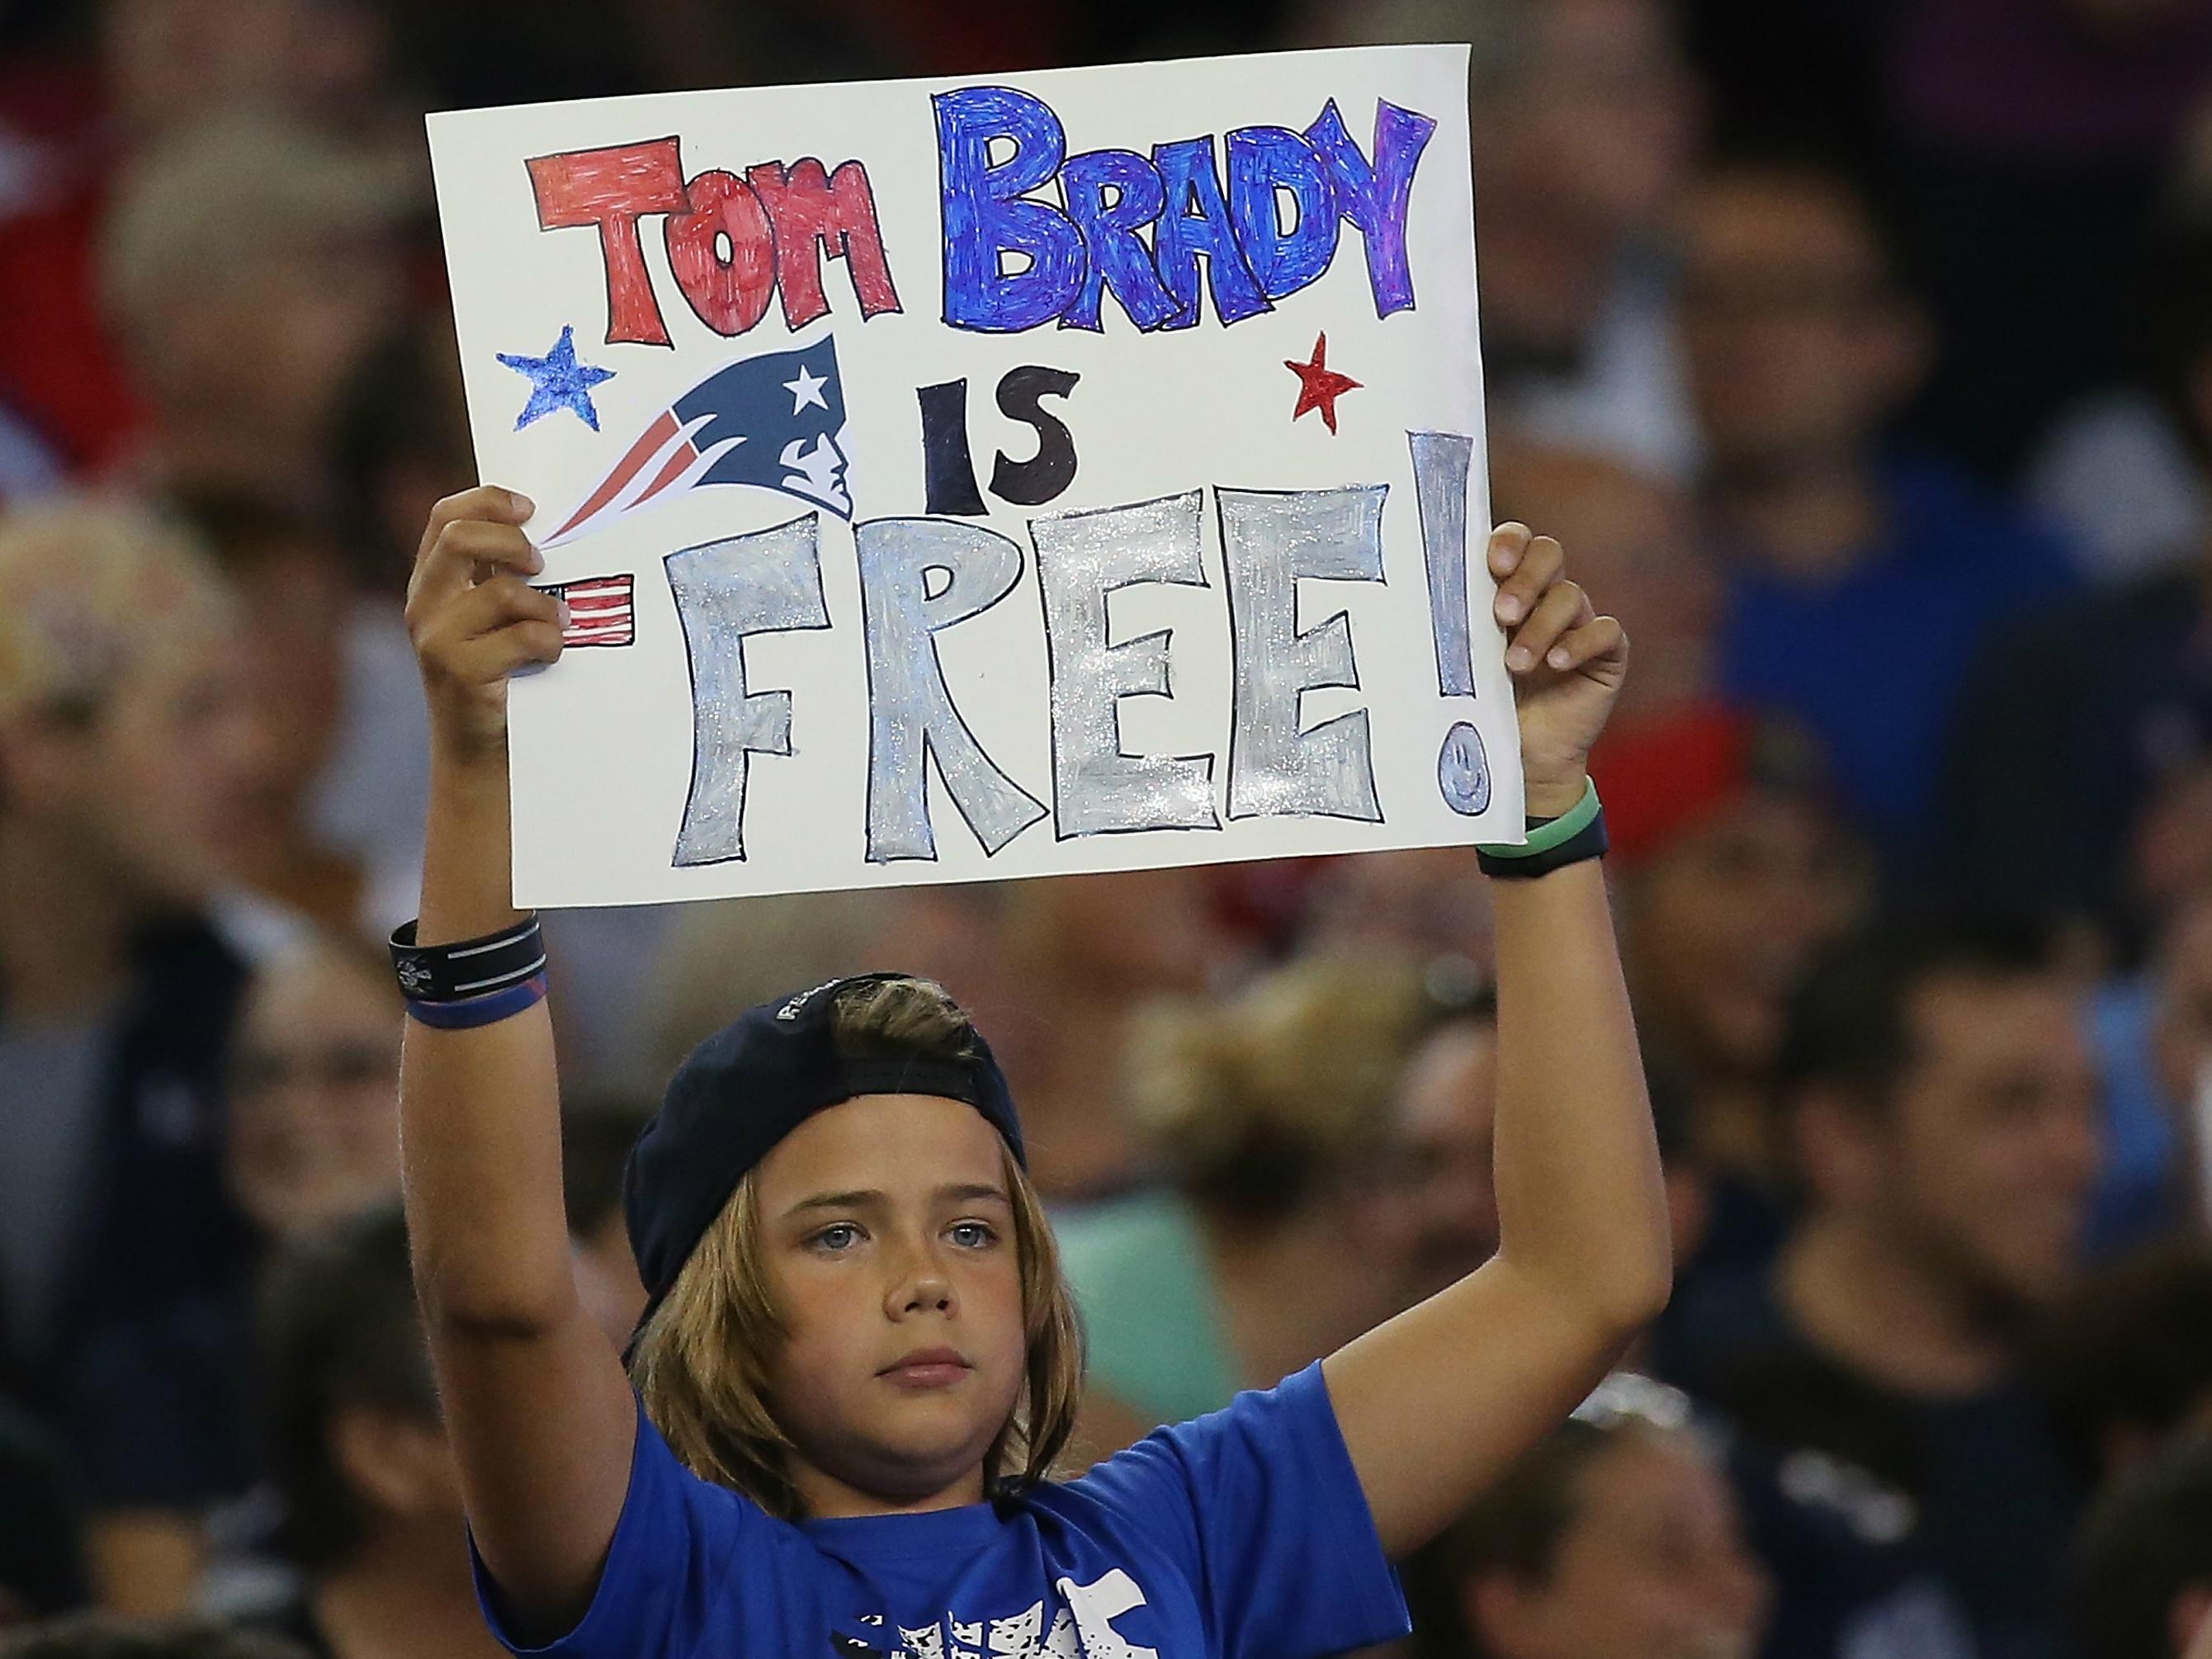 Tom Brady Is Free